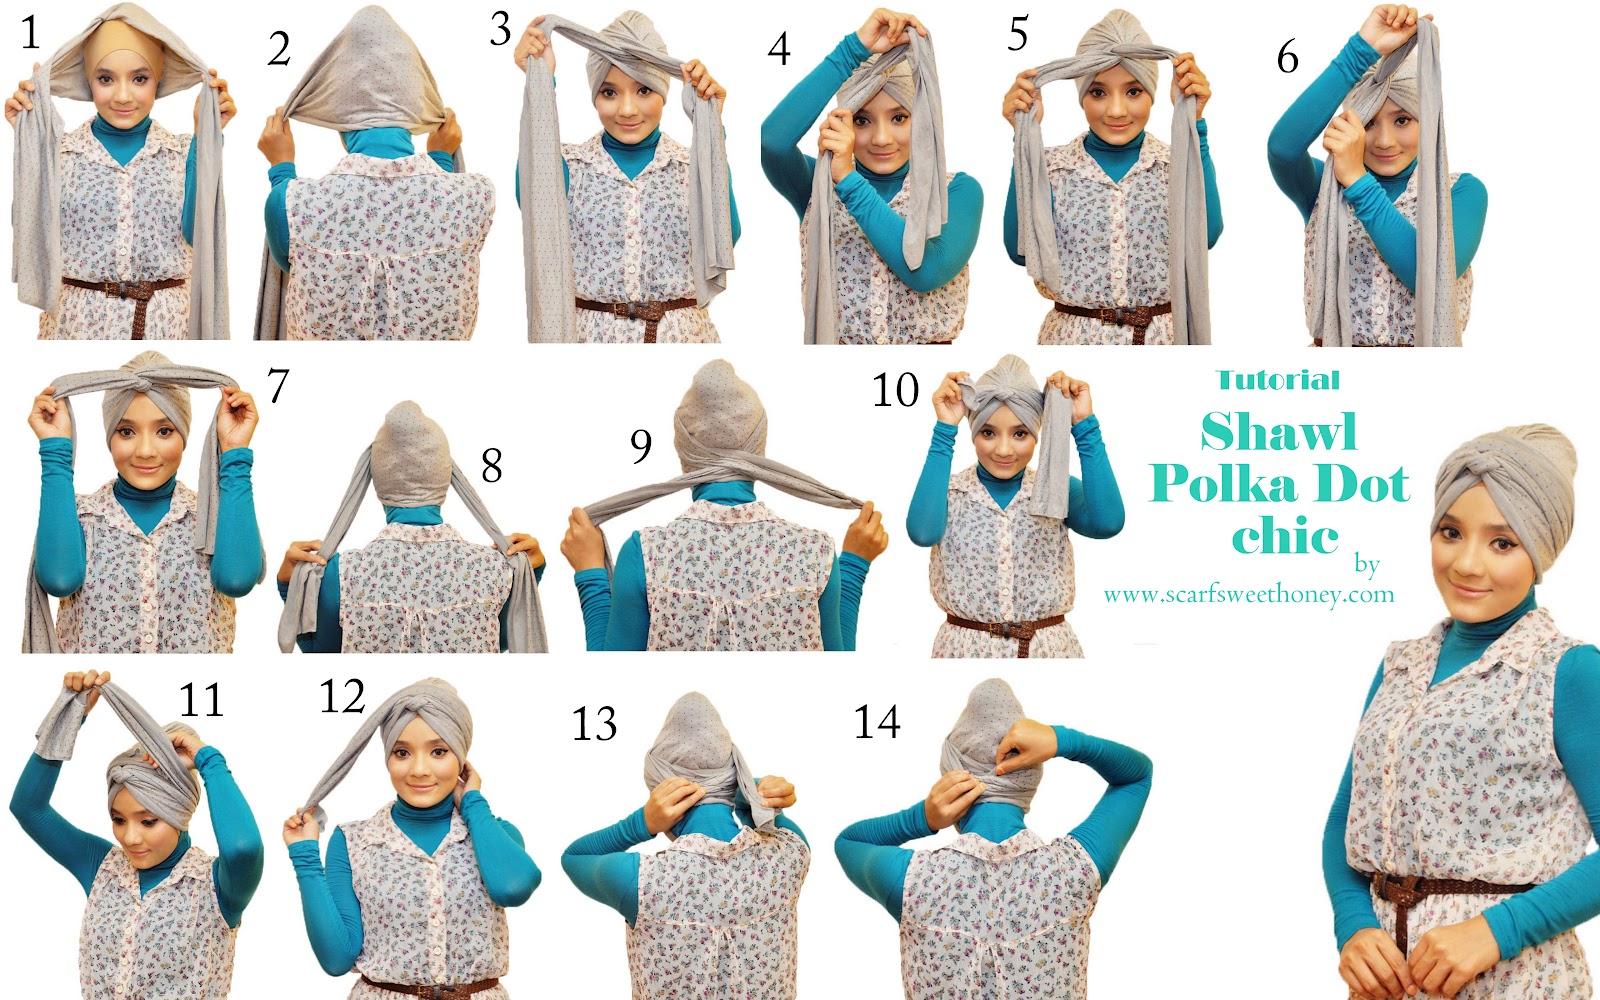 Terkait Cara Memakai Shawl Chic Polka Dot Turban Style: Jilbab, Shawl